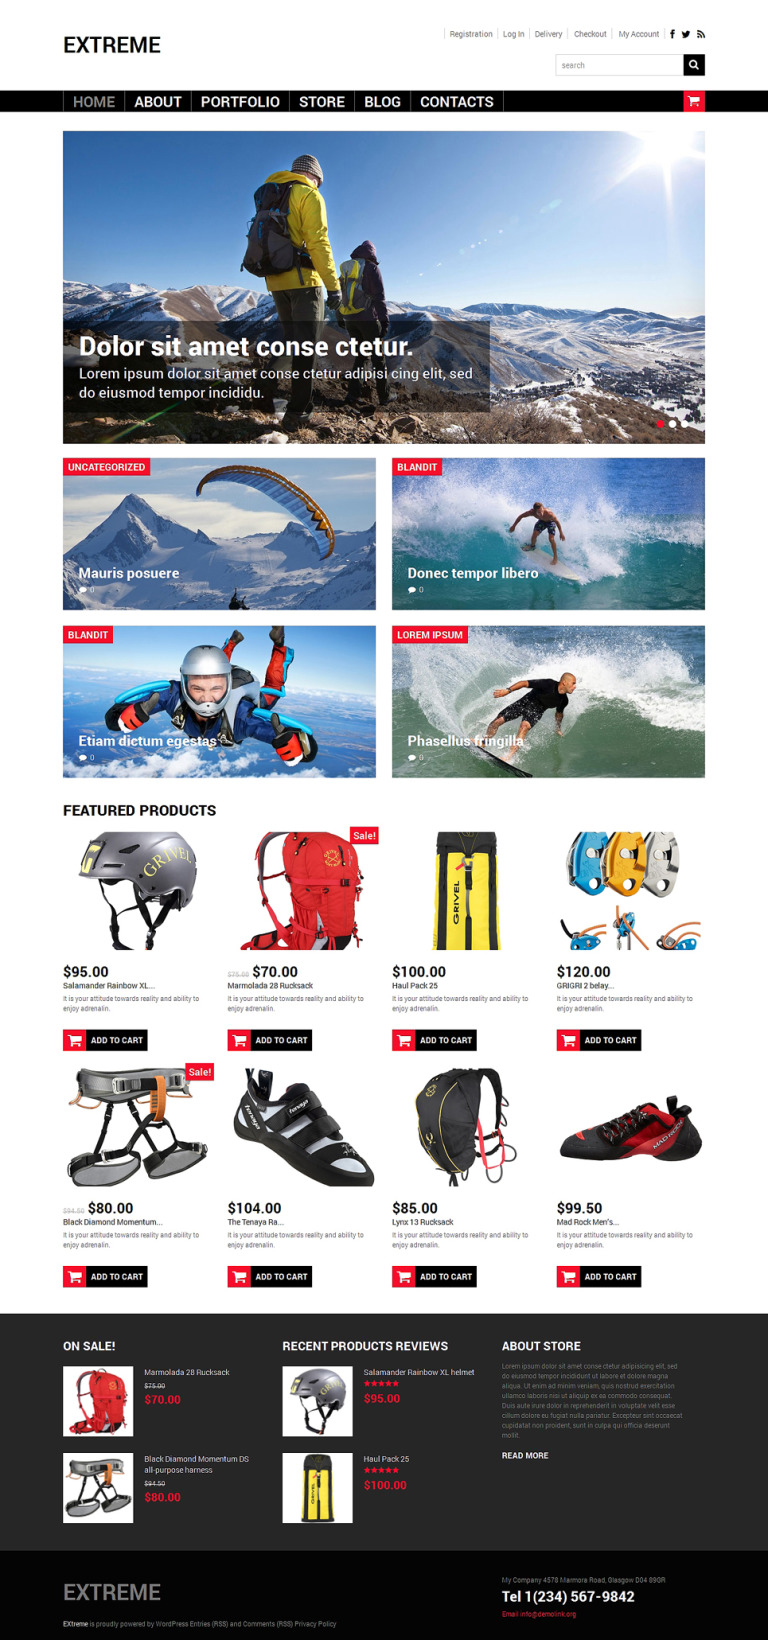 Extreme Sports Shop WooCommerce Theme New Screenshots BIG